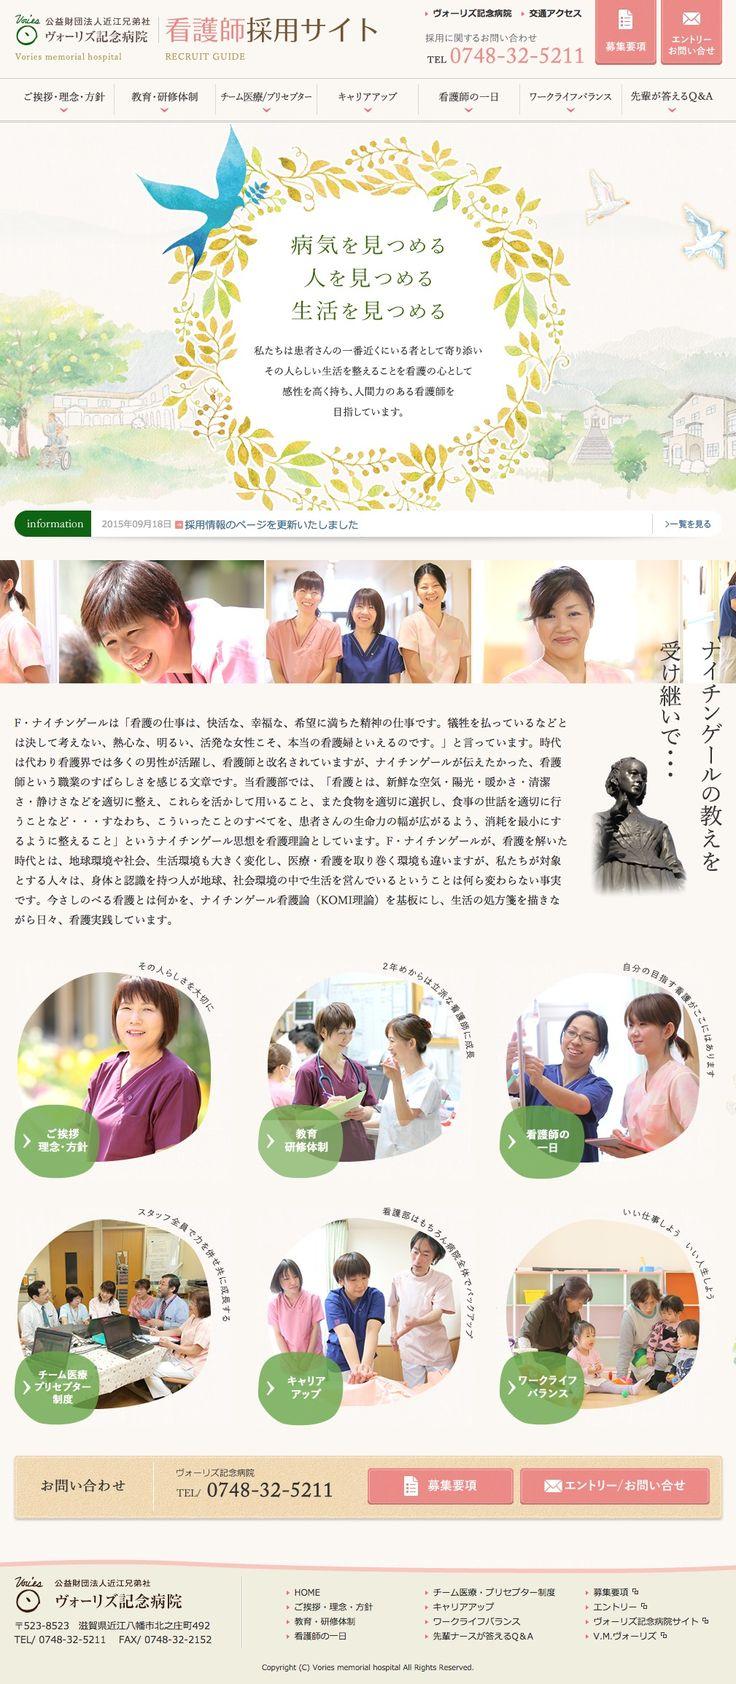 ヴォーリズ記念病院 看護師採用サイト   看護部 ホームページデザイン リンク集   サヨナキ